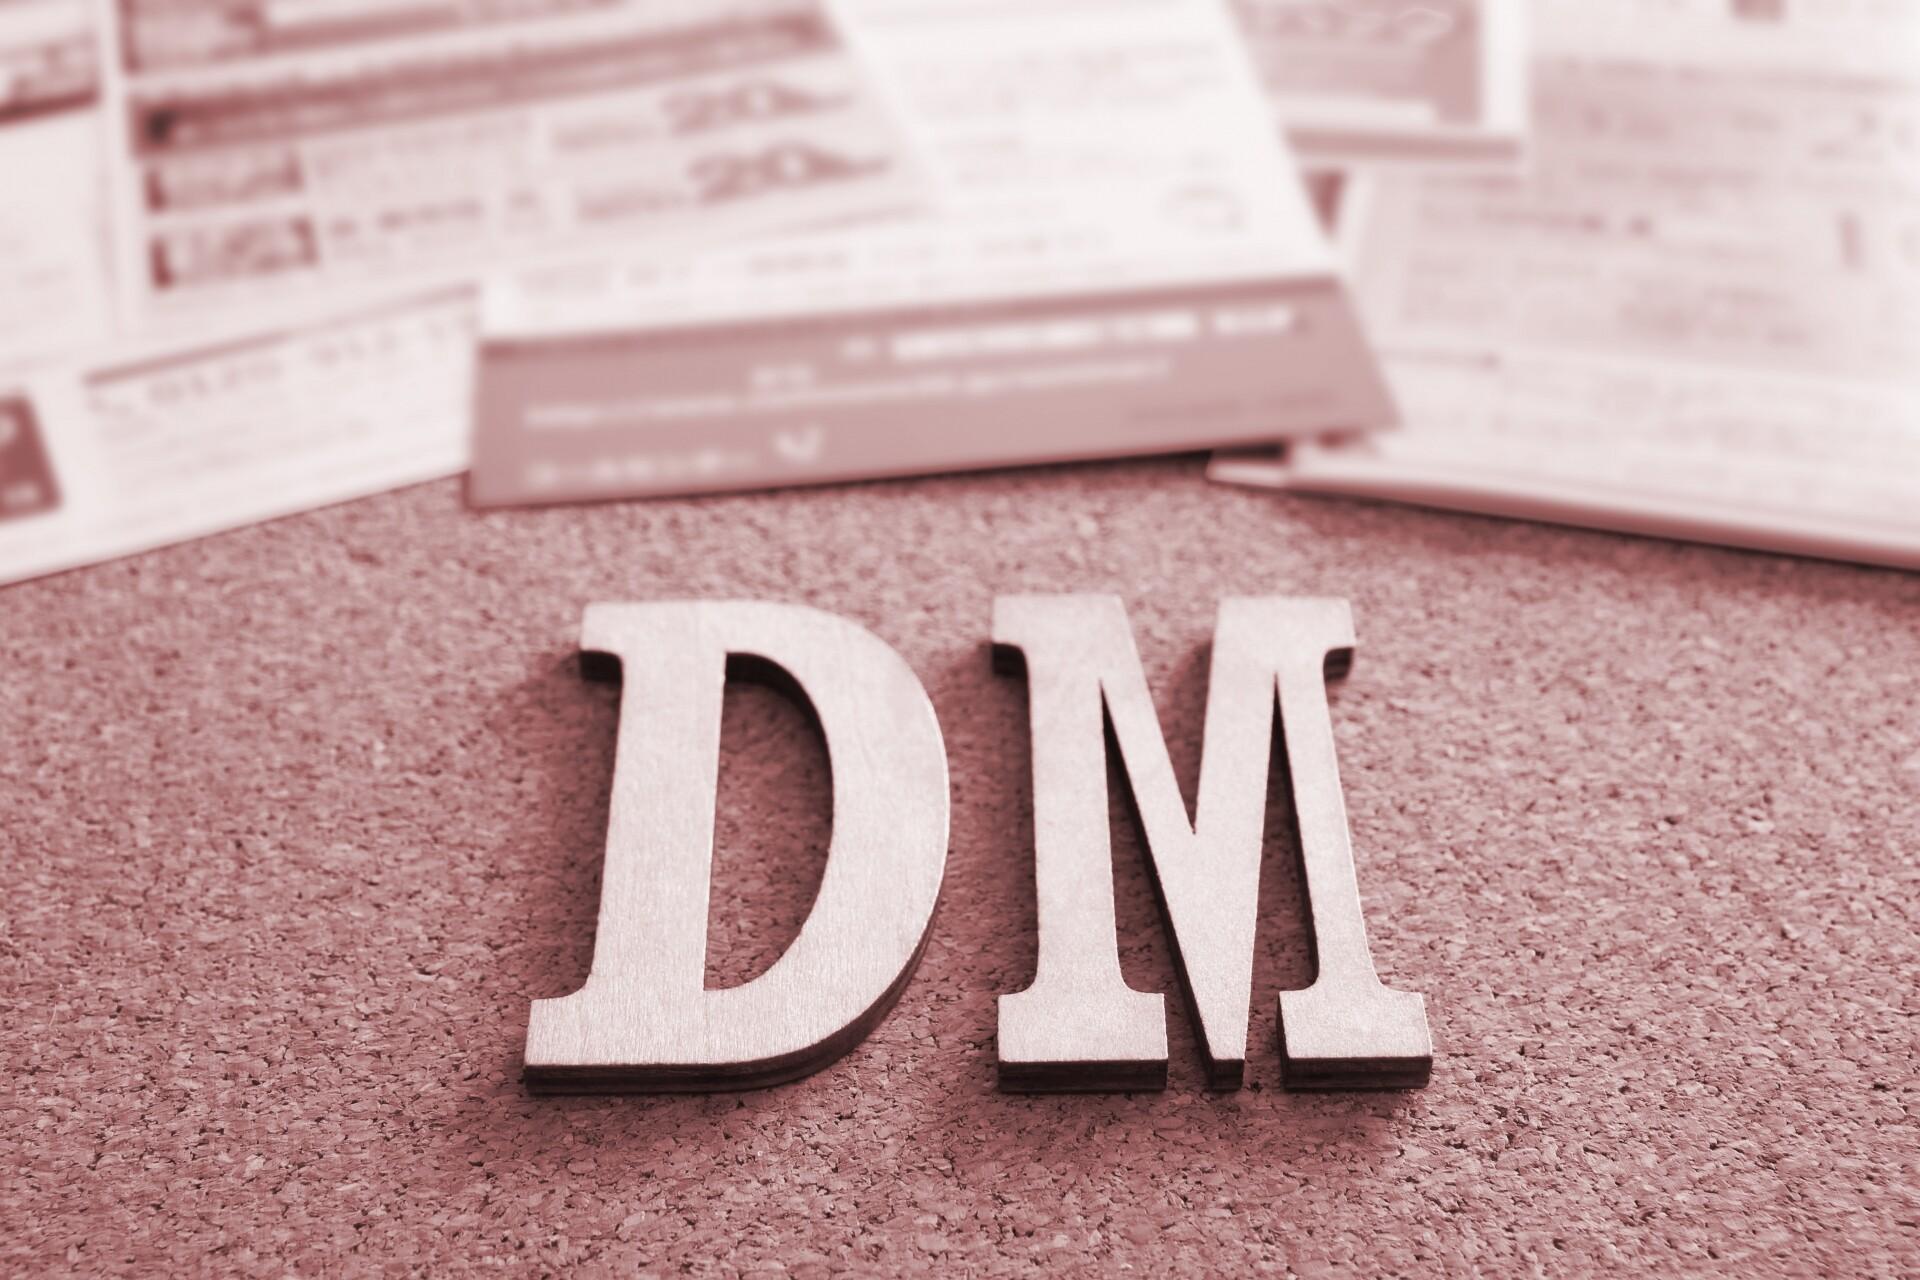 実際のところダイレクトメールの反響レスポンス率はどれくらい?